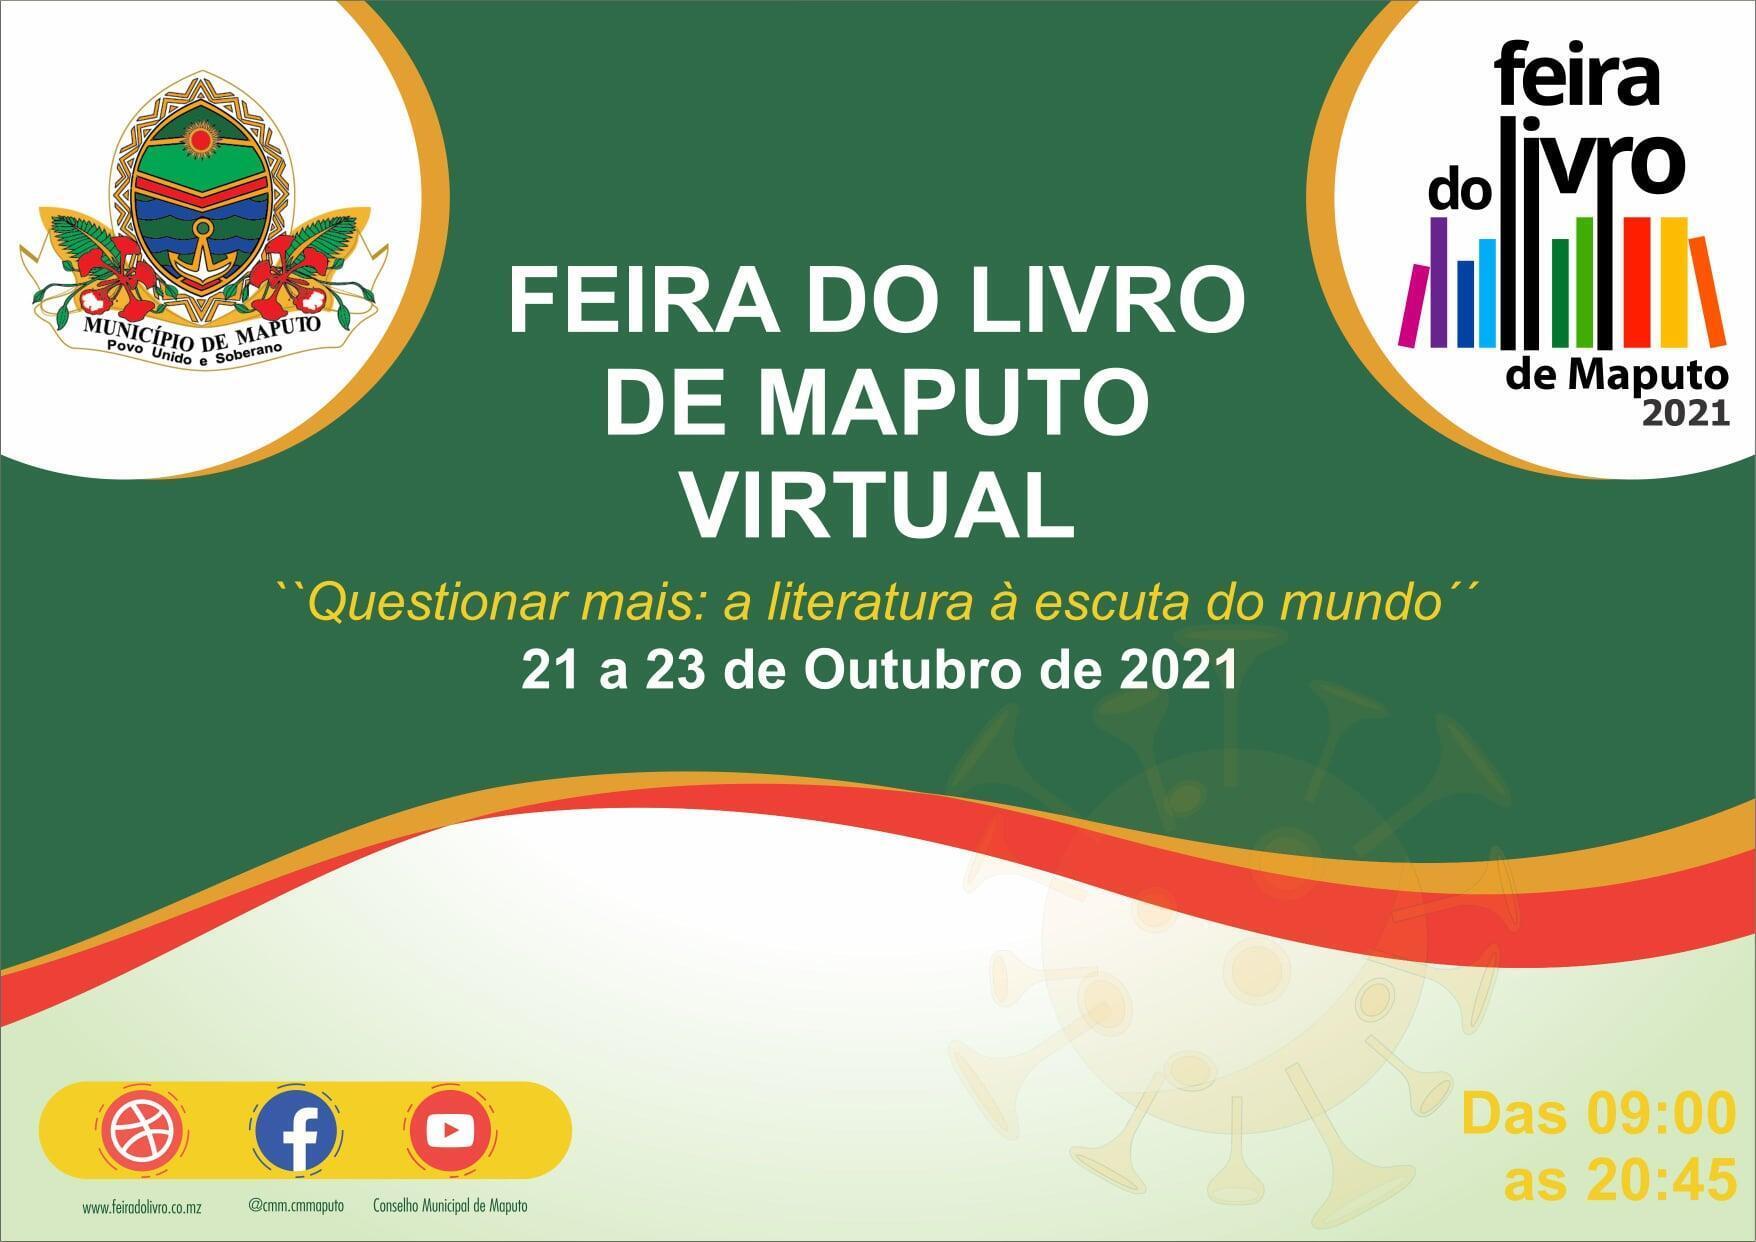 Feira do Livro de Maputo.